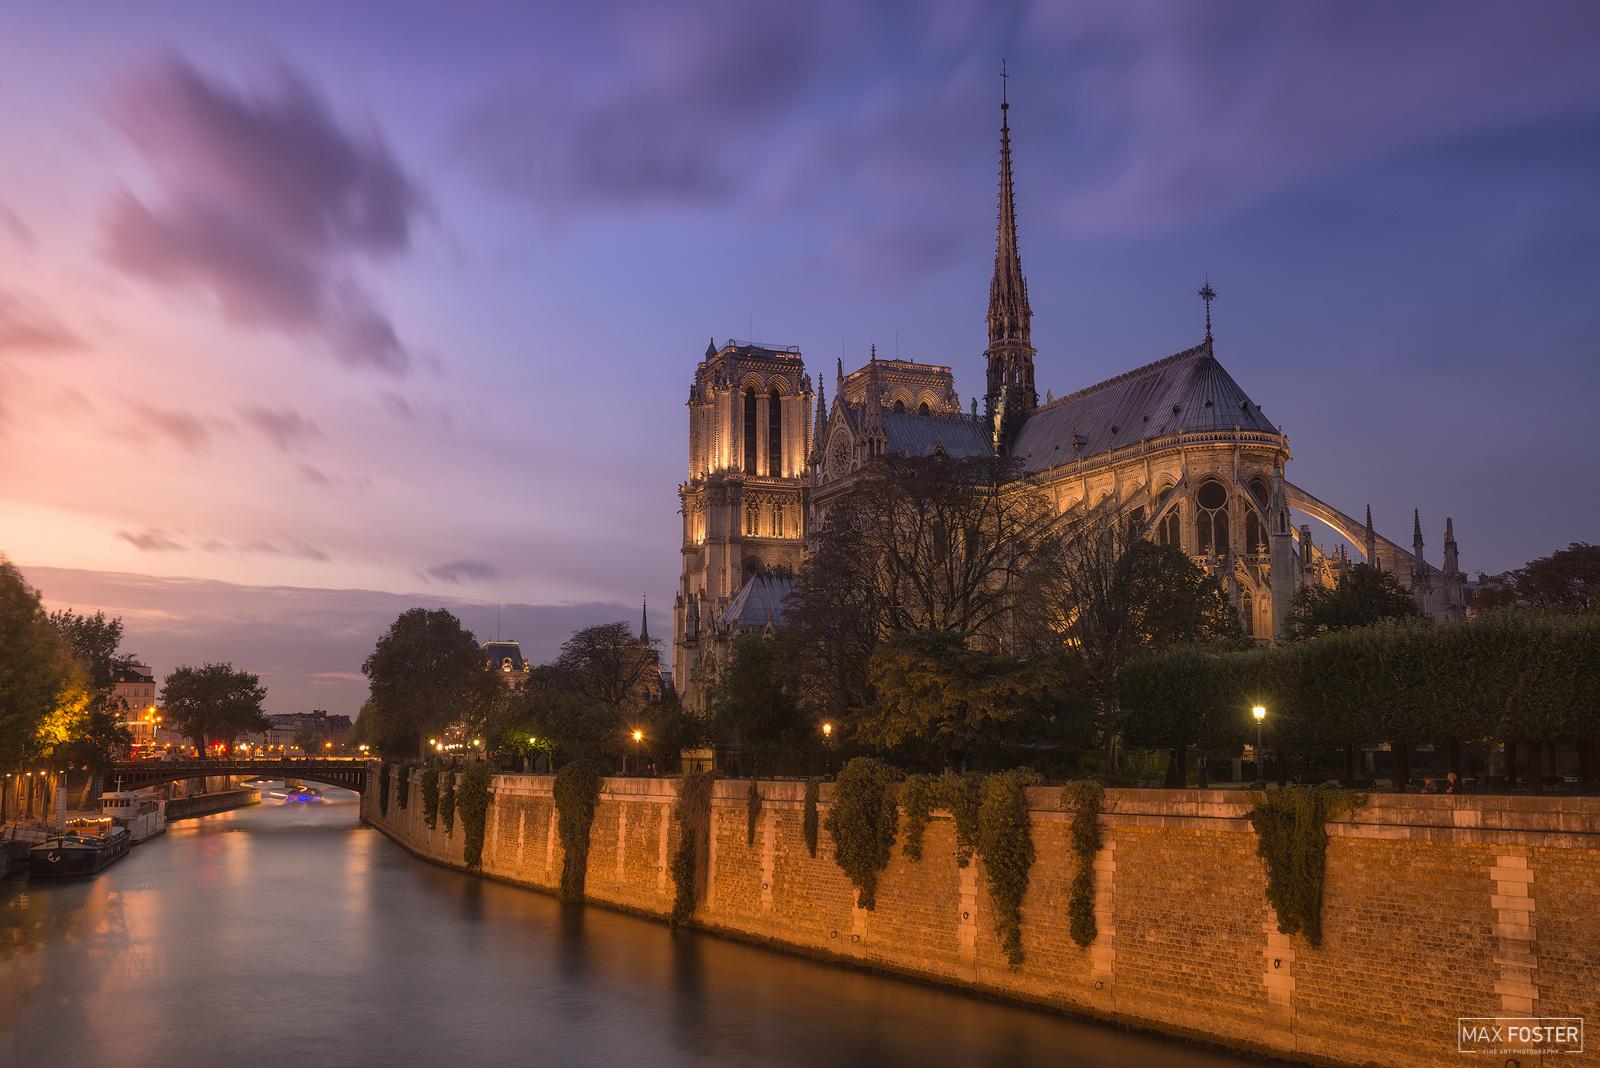 Notre Dame Cathedral, France, Catholic, Ile de la Cite, French, Gothic Architecture, Our Lady of Paris, Seine River, photo